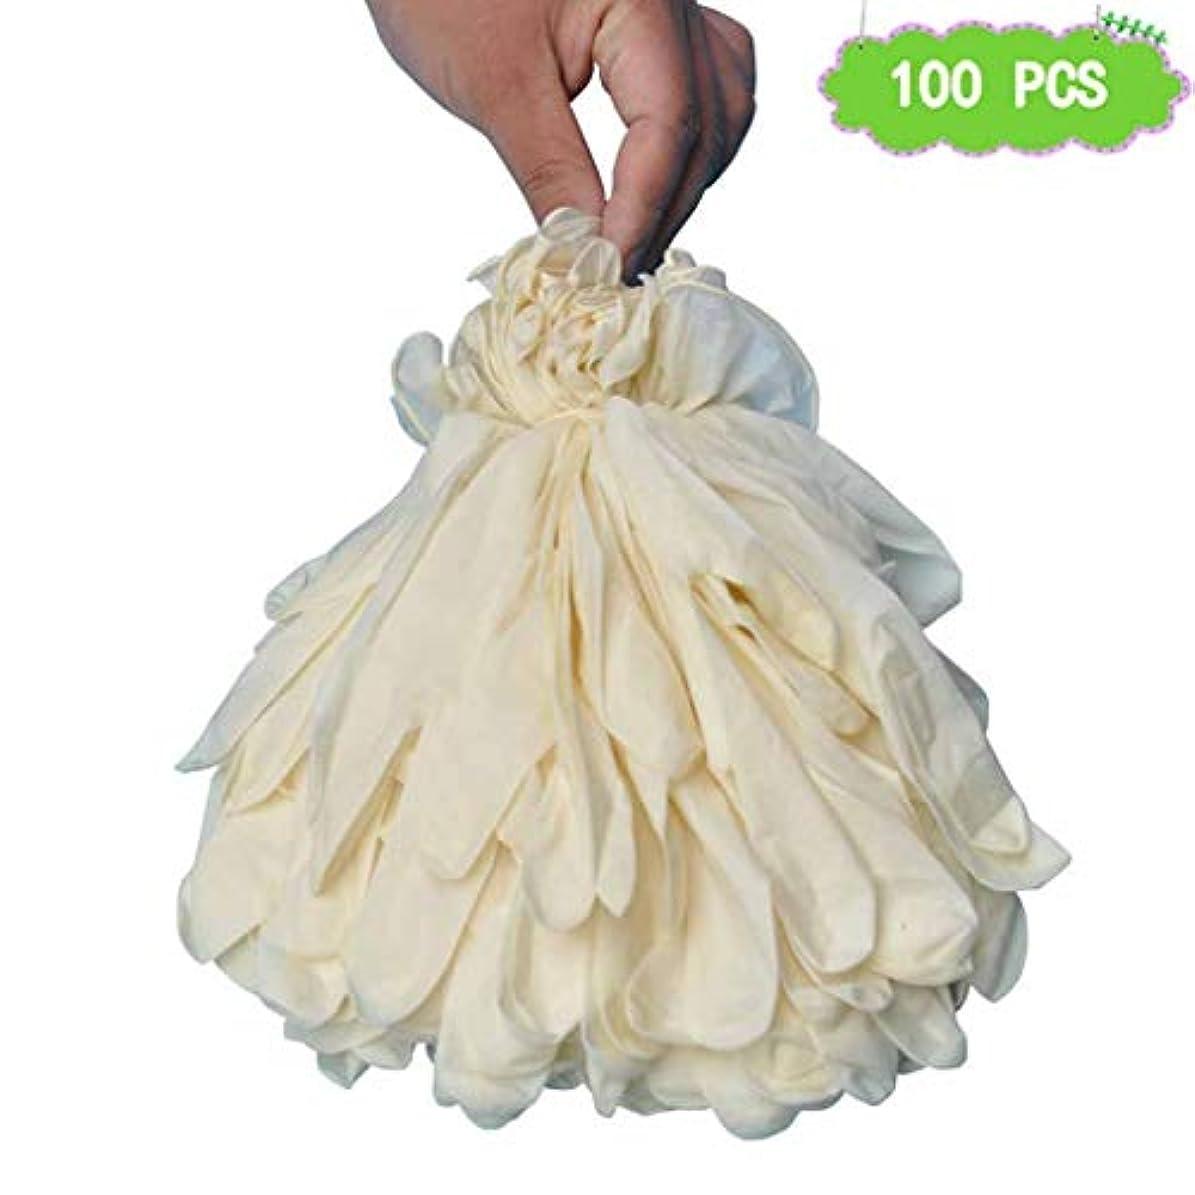 ペニーおばさんセマフォ白いラテックス手袋使い捨てゴム手袋食品使い捨て手袋ペットケアネイルアート検査保護実験、美容院ラテックスフリー、、 100個 (Size : M)